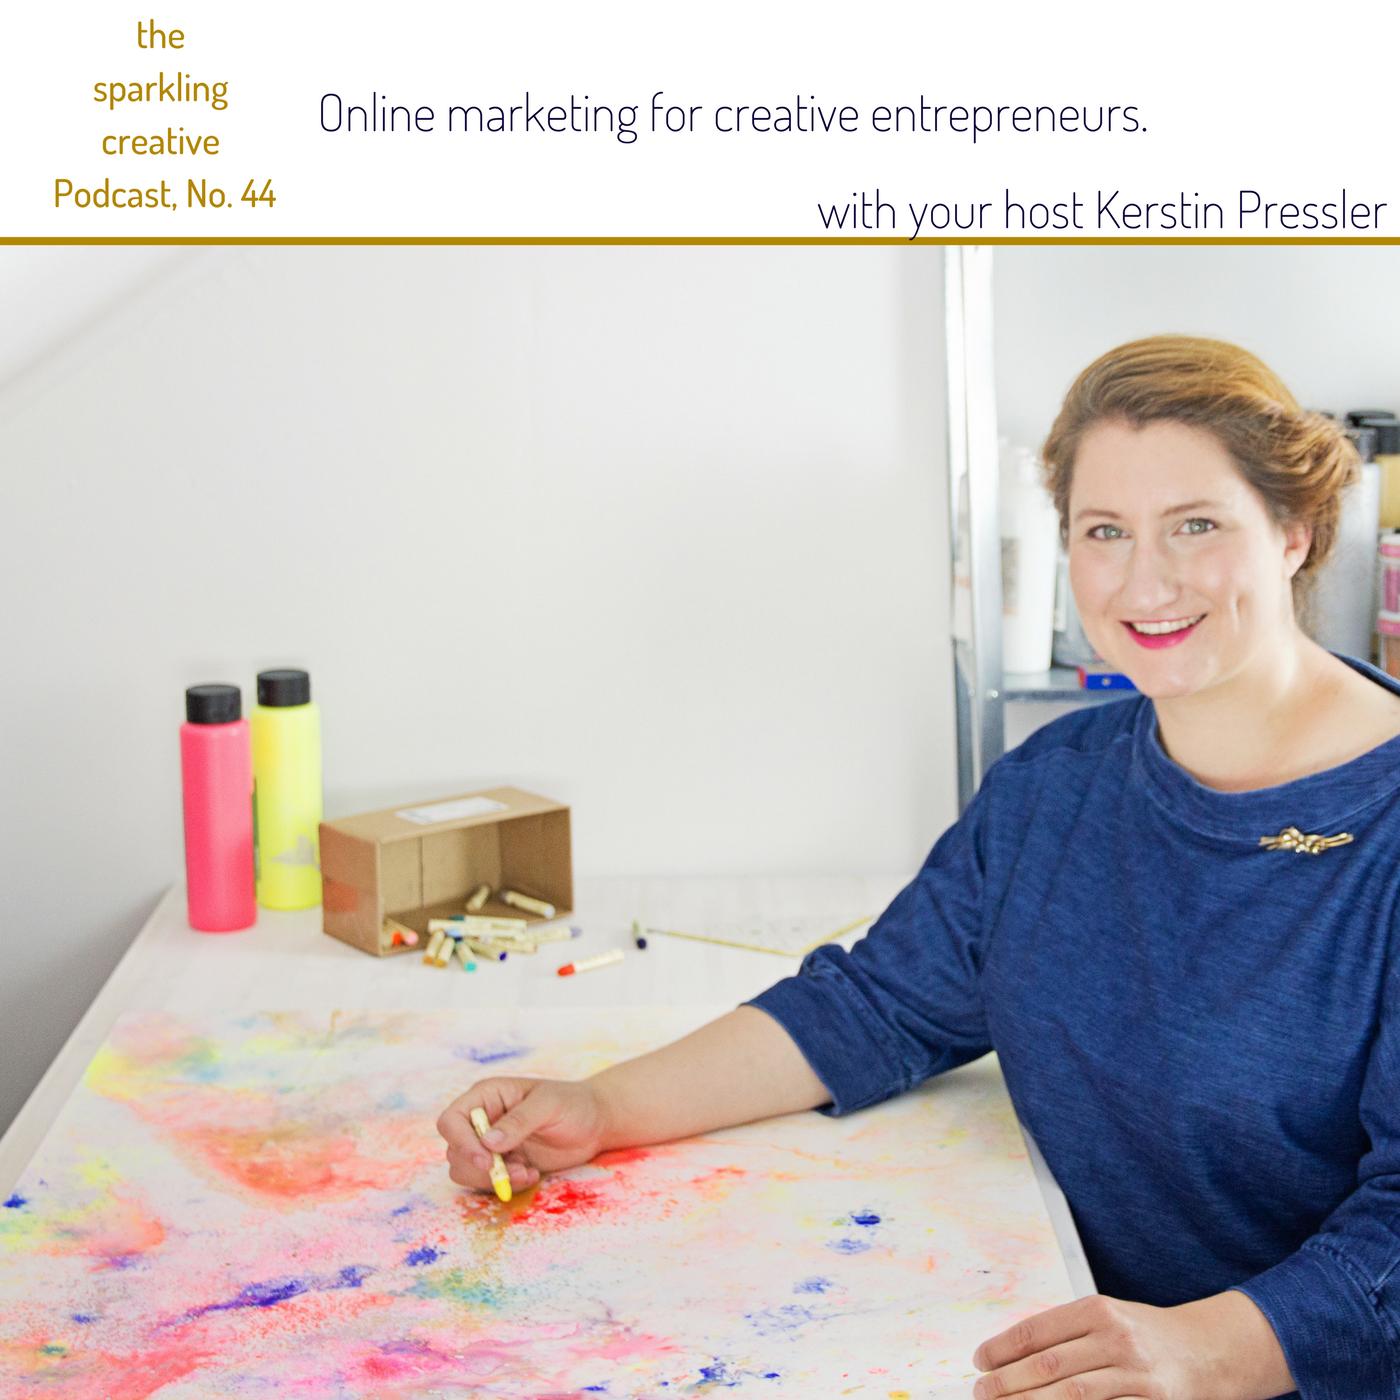 Artwork for Episode 44. Online marketing for creative entrepreneurs